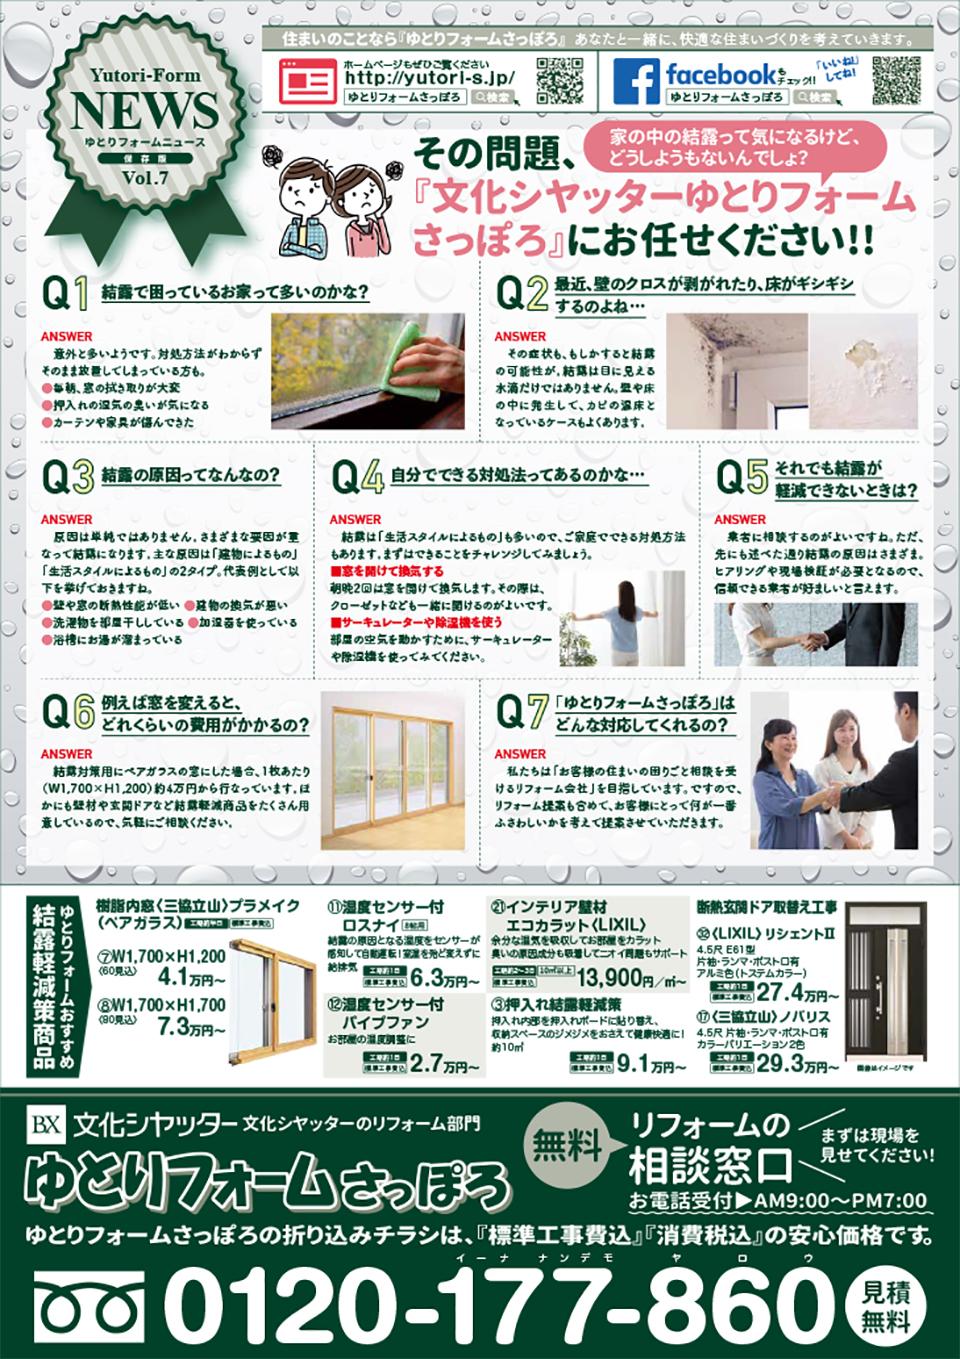 ゆとりフォームニュース Vol.7